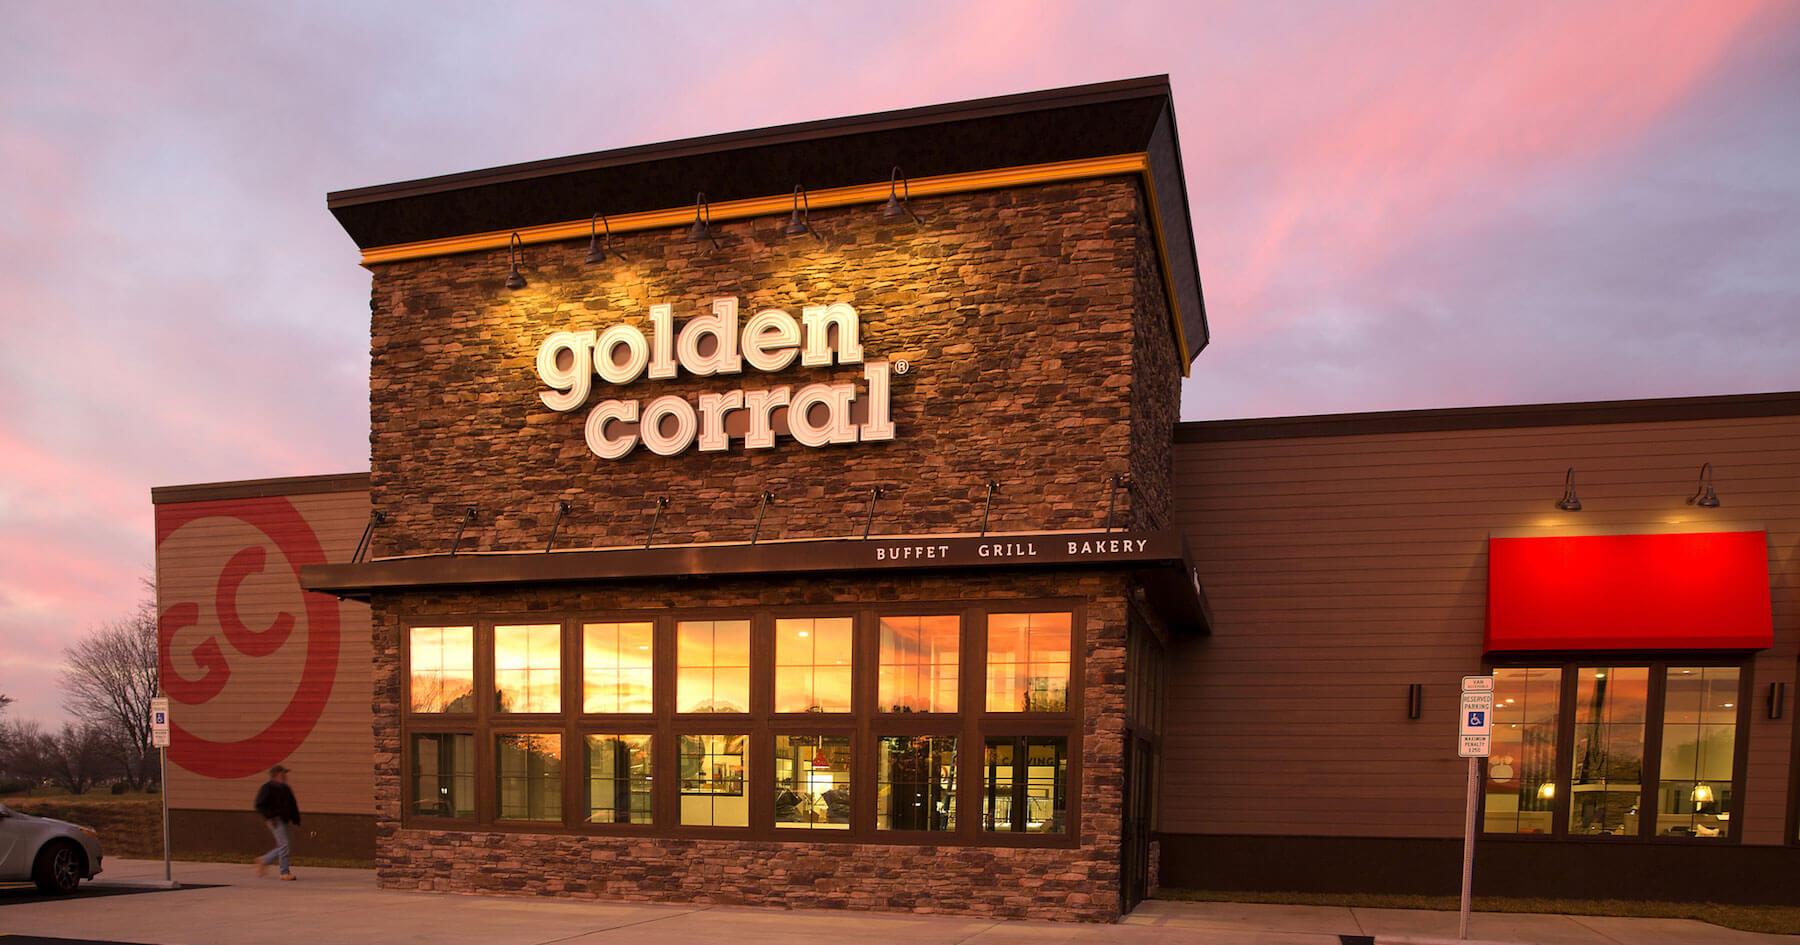 golden corral exterior